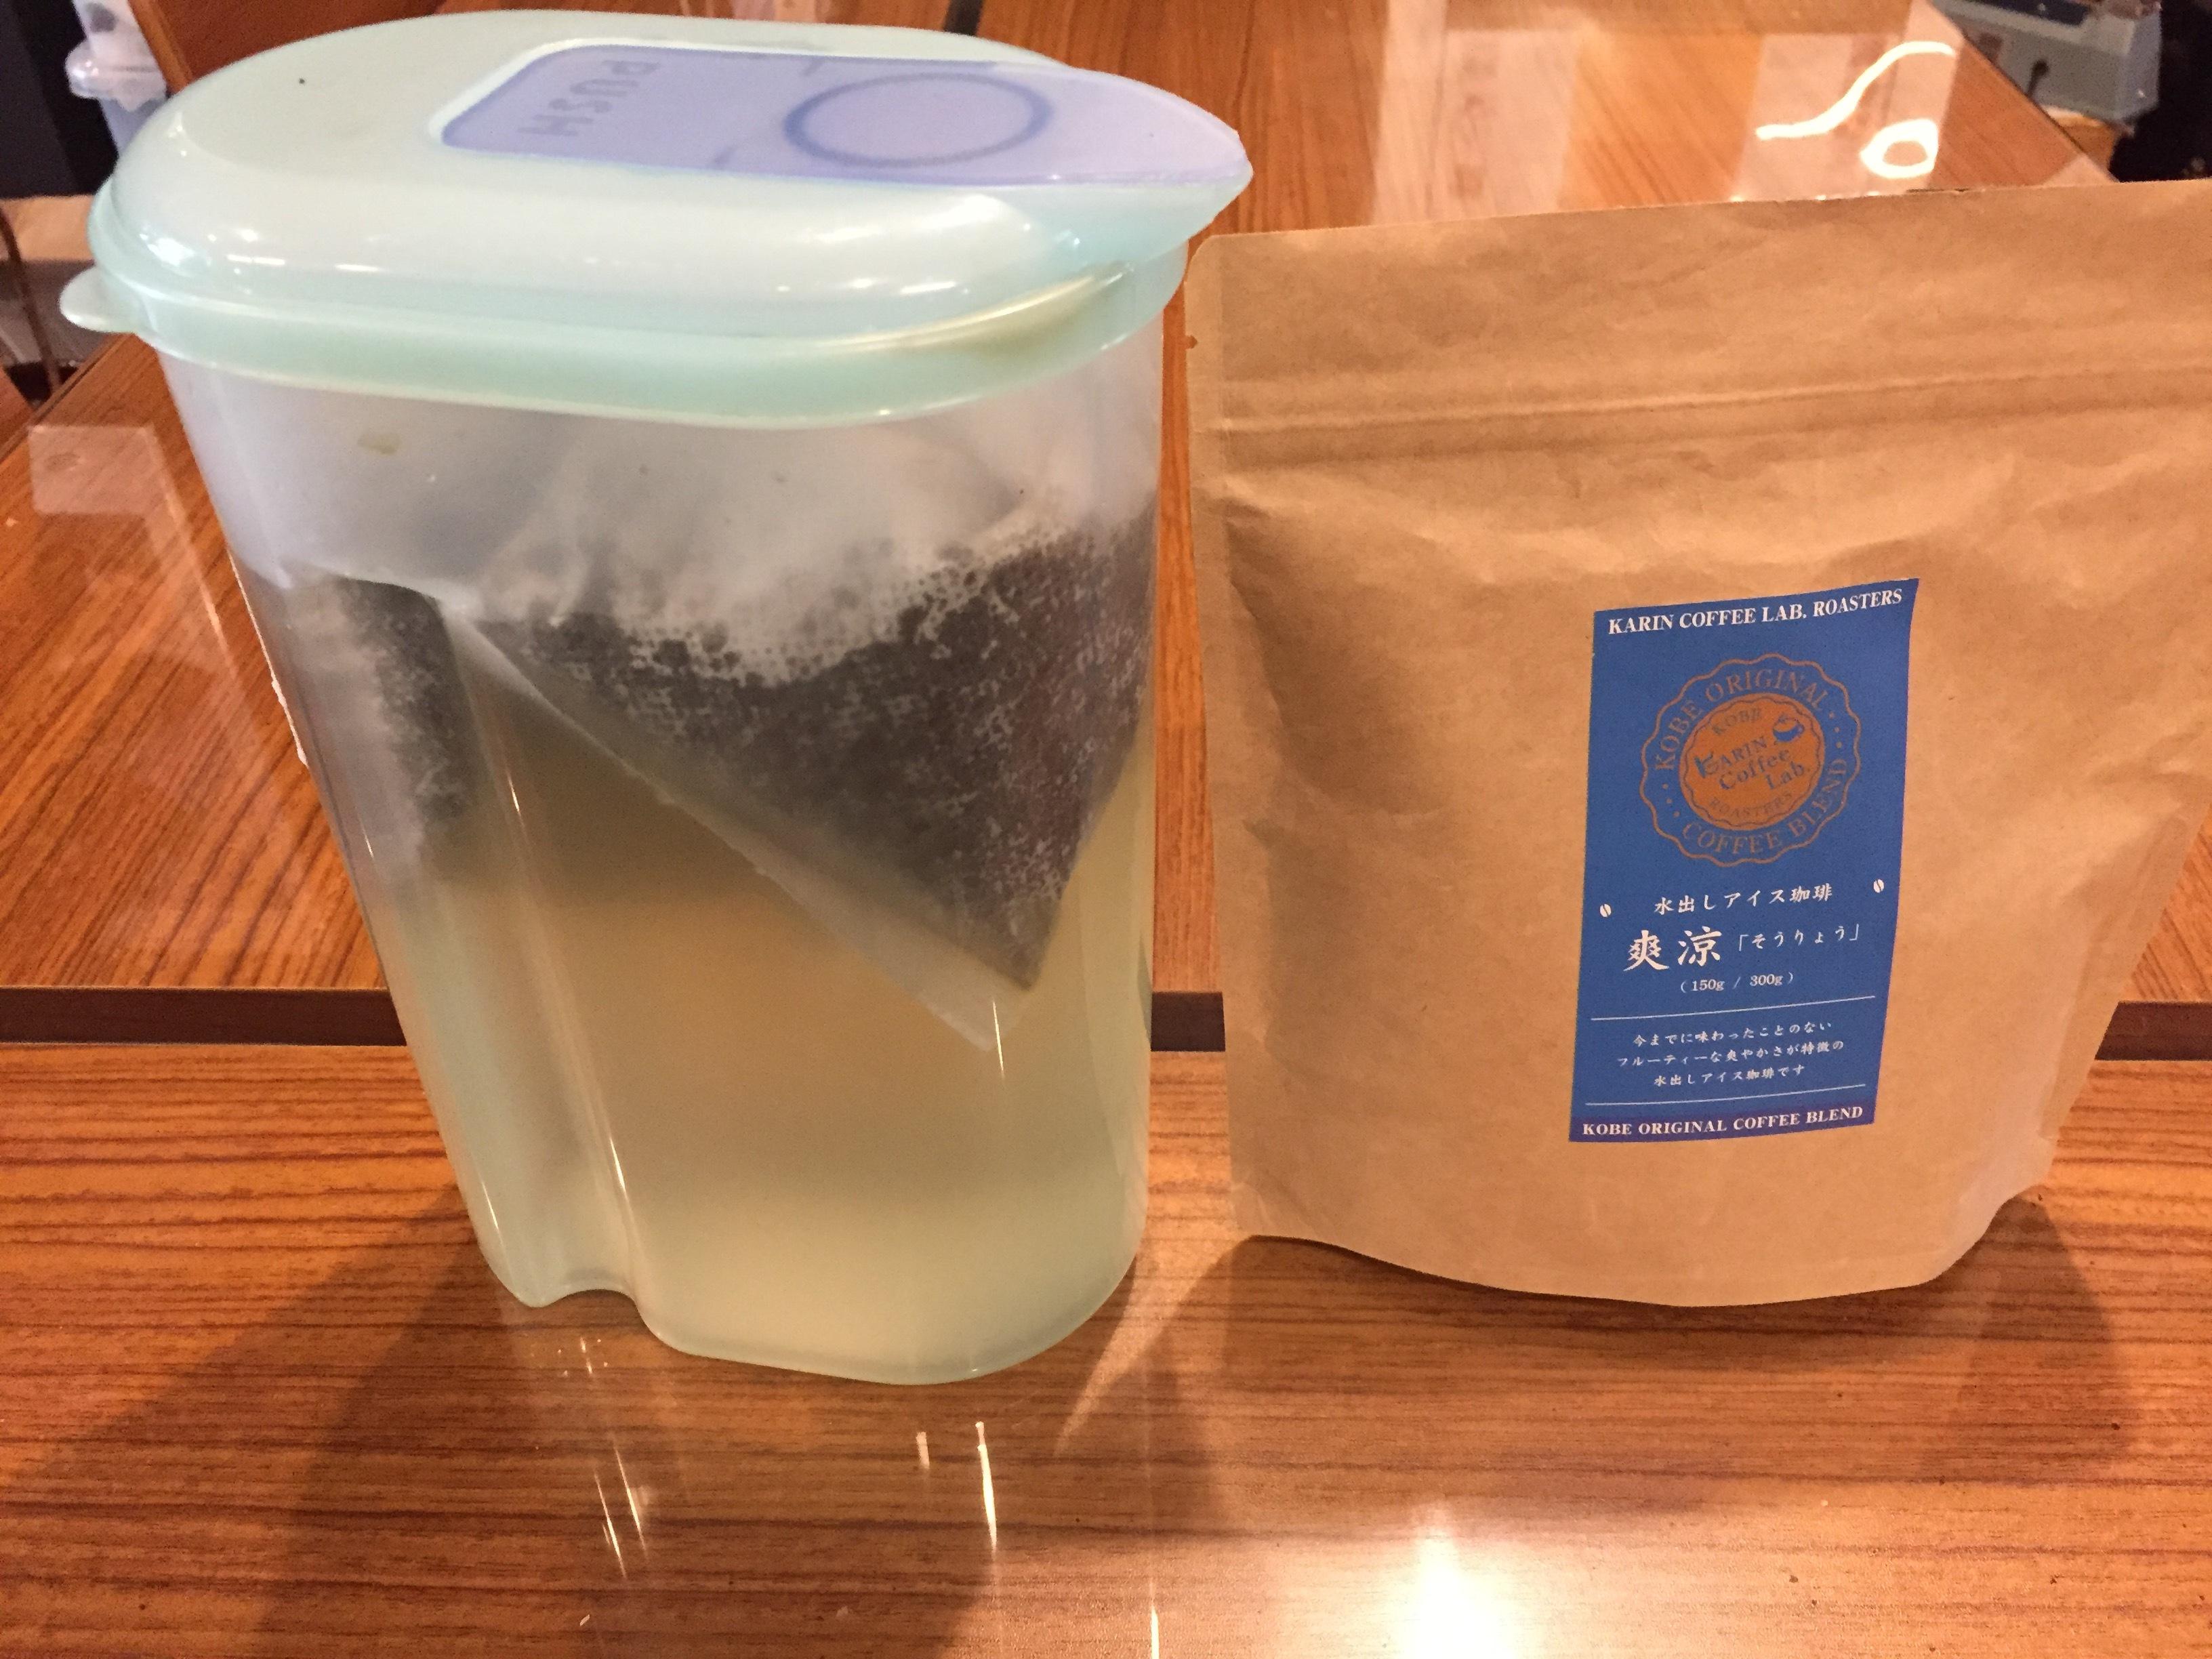 水出アイスコーヒー爽涼(そうりょう)40gx4パック